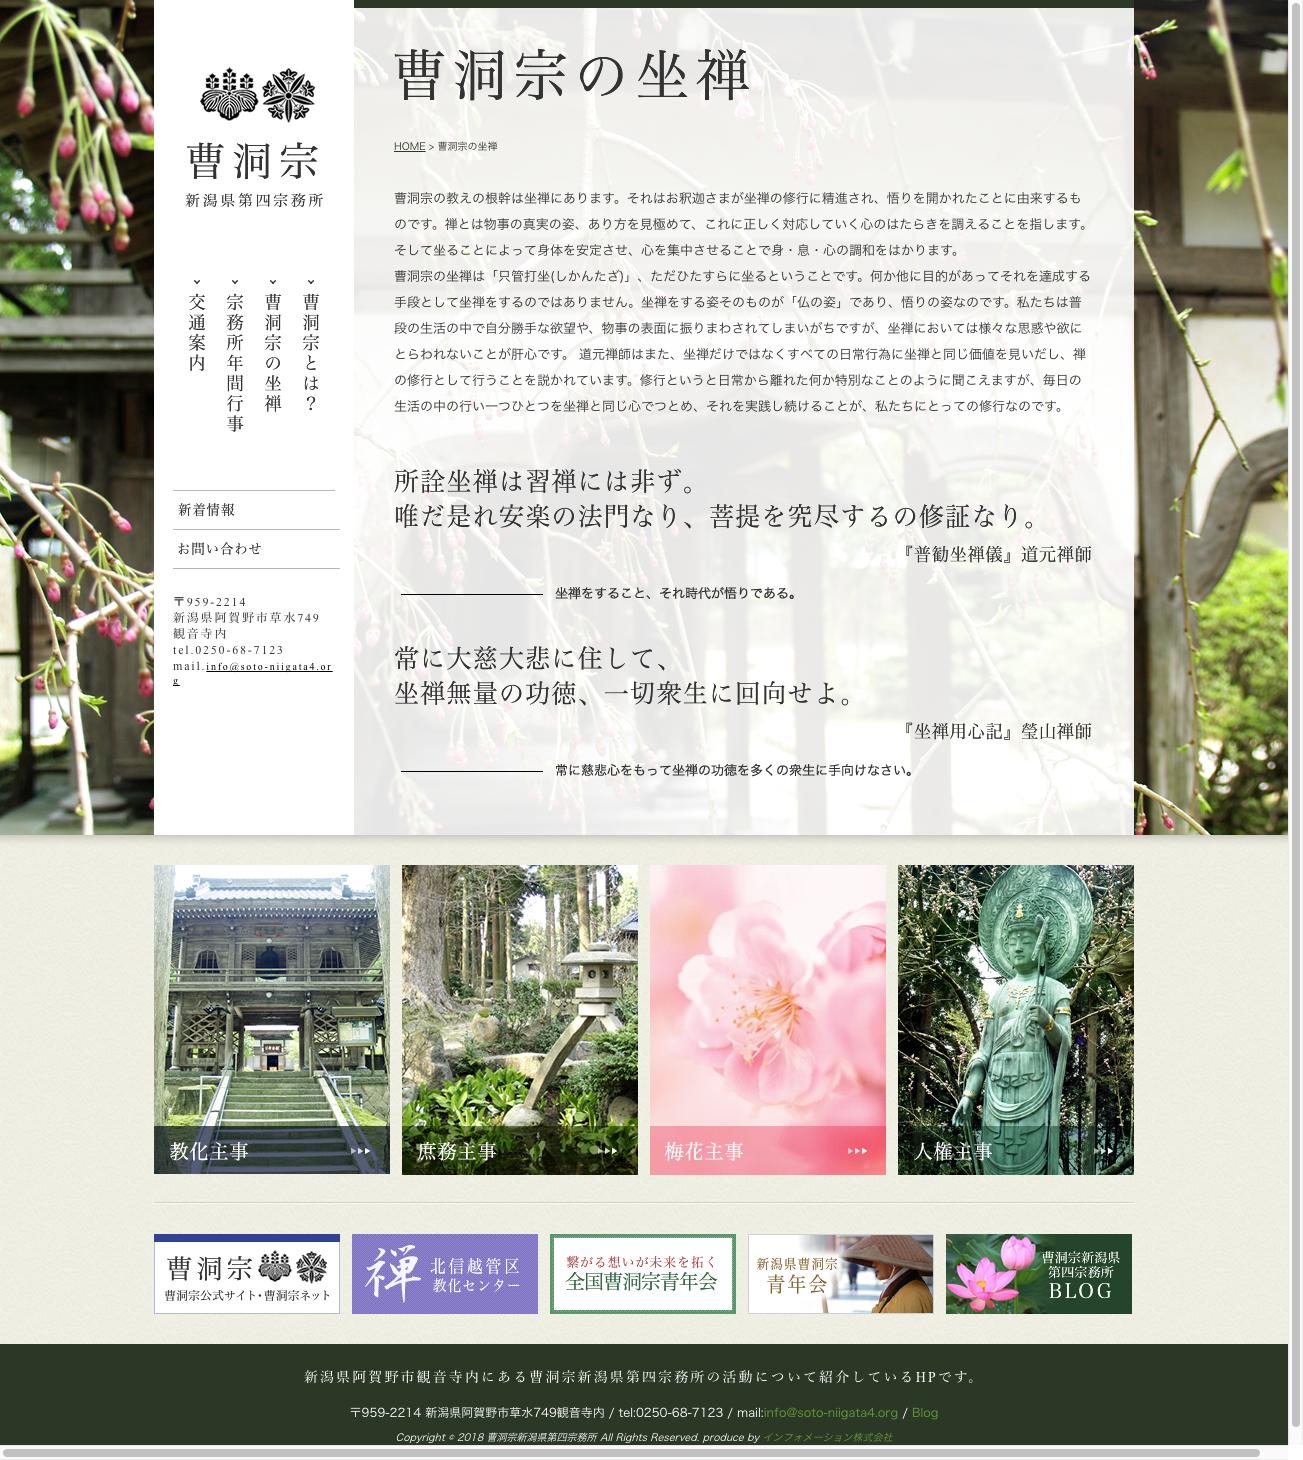 曹洞宗新潟県第四宗務所 様のホームページ